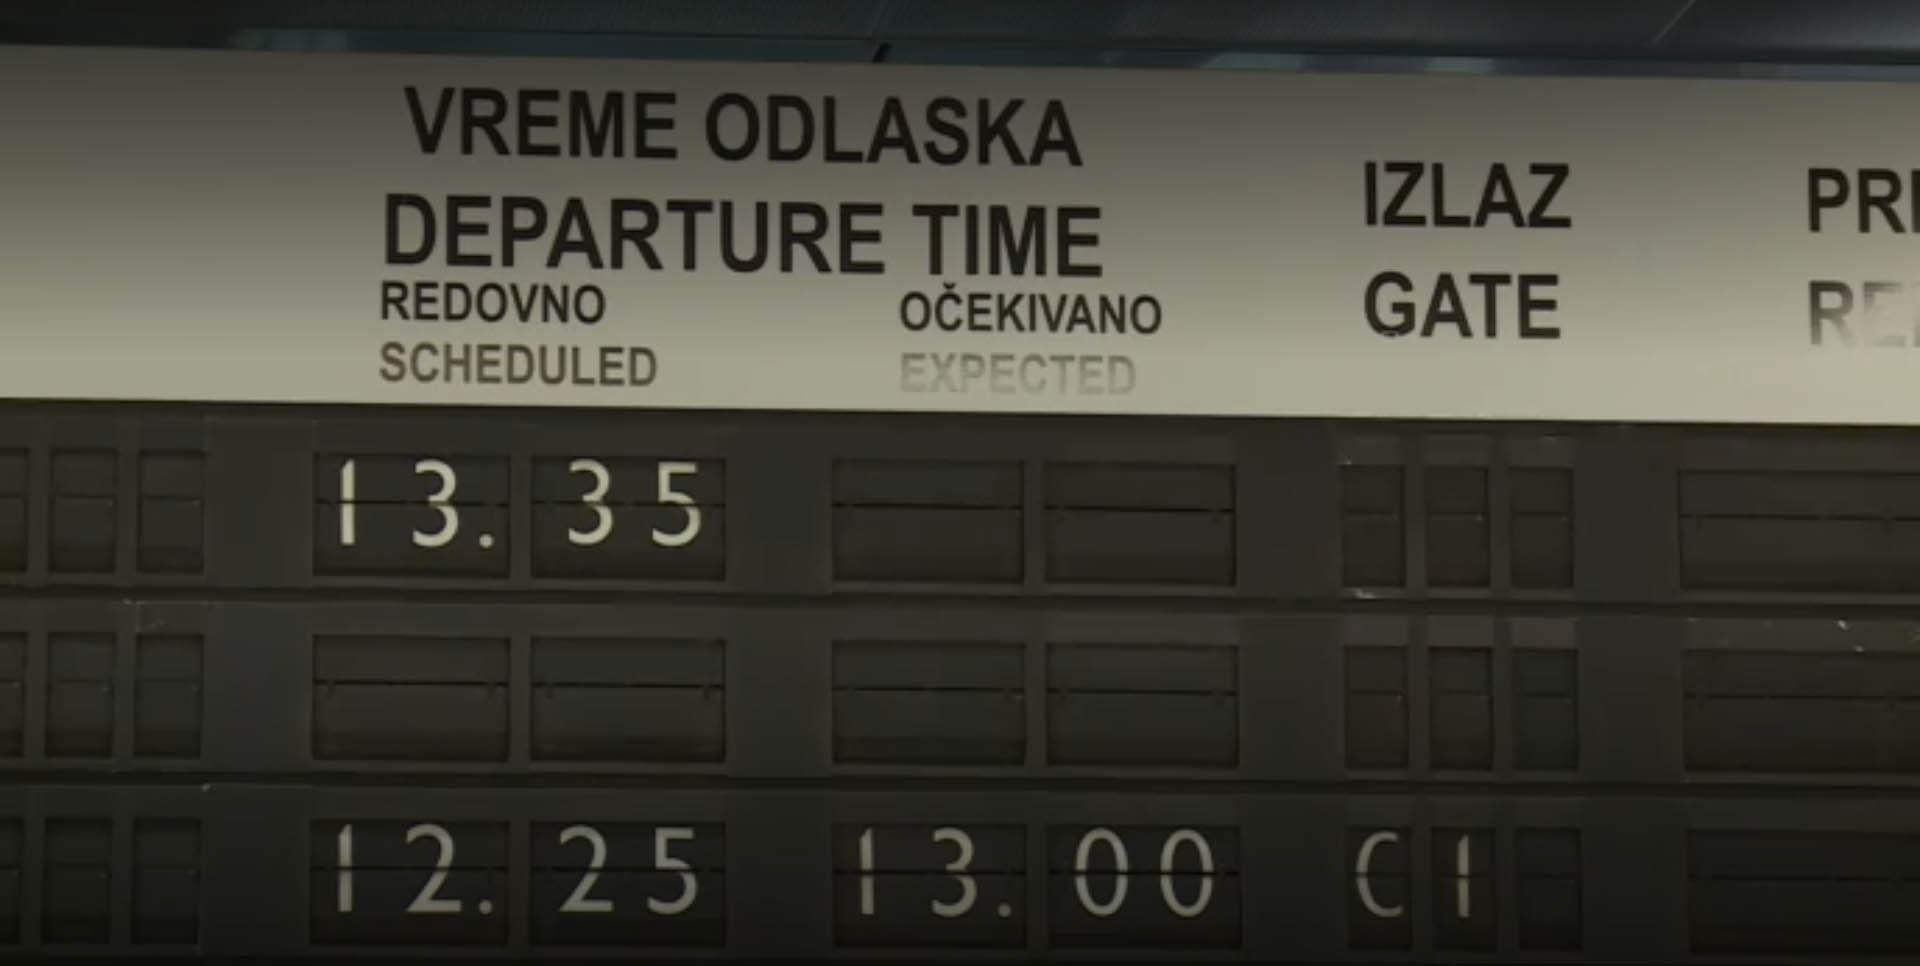 Aerodrom odlasci